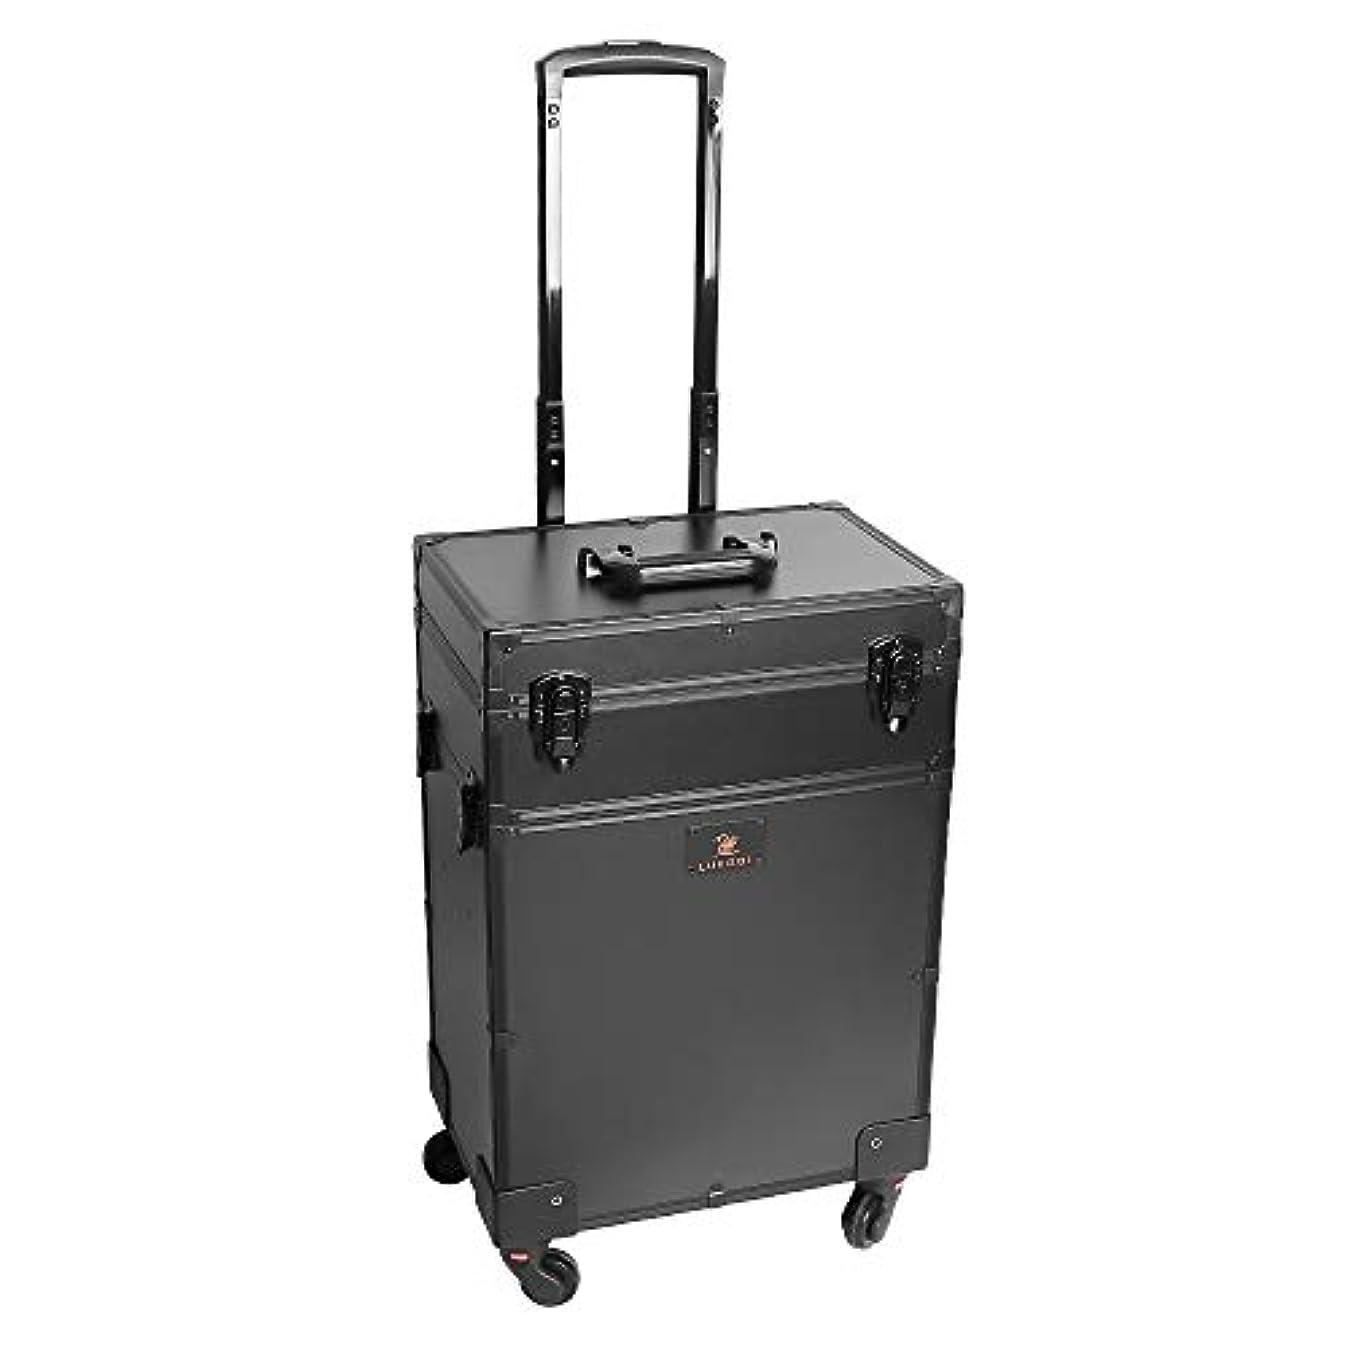 平行サービス温室LUVODI メイクボックス 鏡付き 大容量 プロ用 メイクキャリーケース ミニドレッサー付き 鍵付き 持ち運び 美容師 業務 旅行 コスメ収納ボックス 化粧箱 ブラック